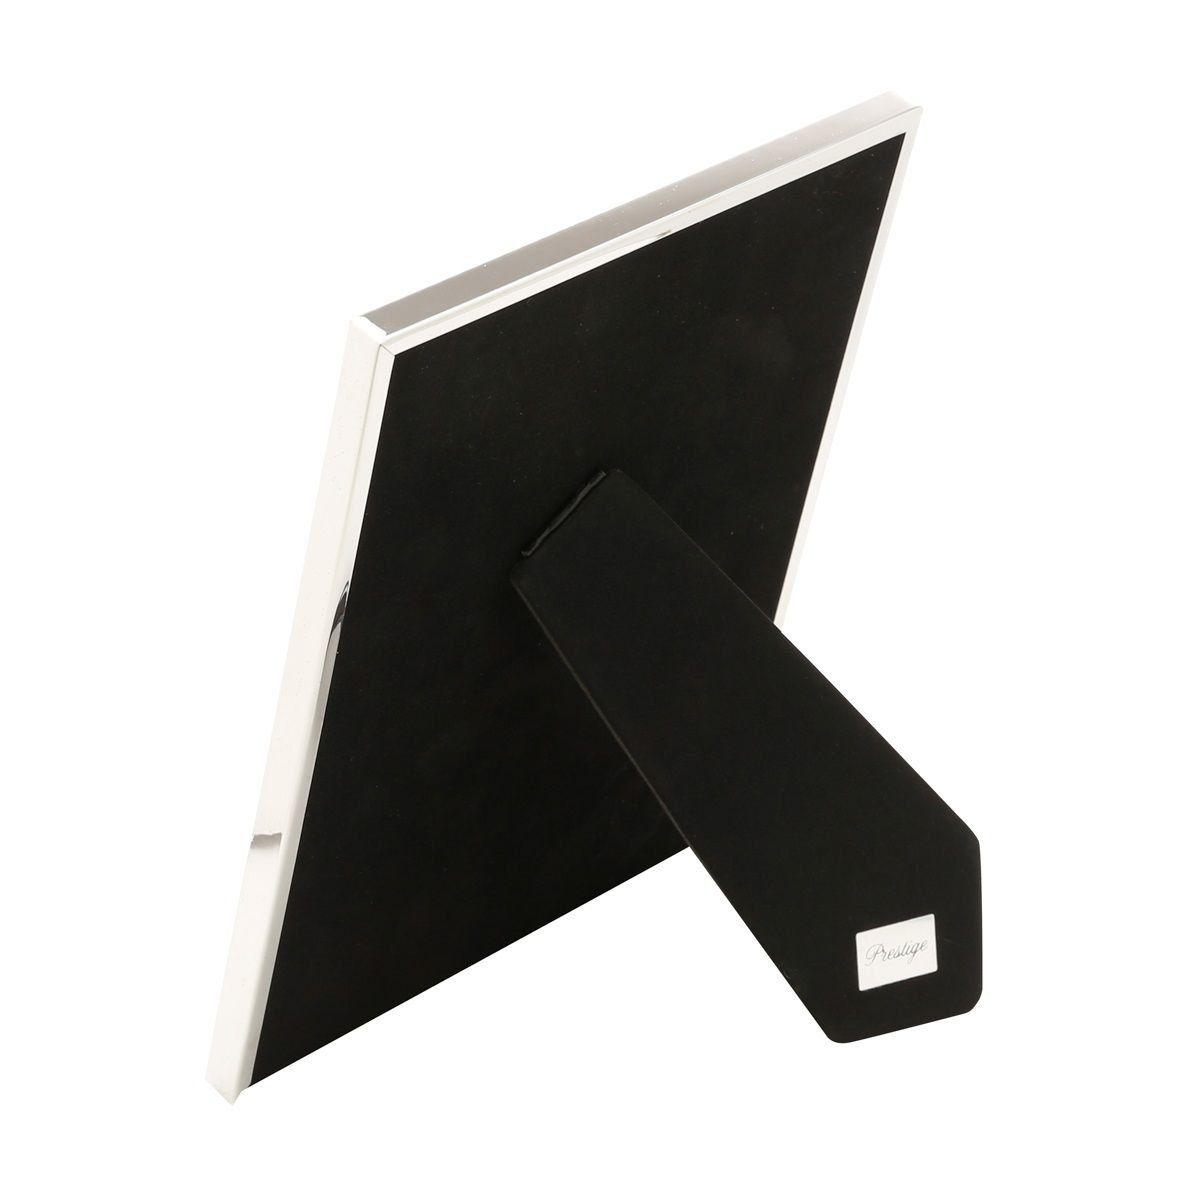 Porta-retrato 20 x 25 cm de aço prateado Knot Prestige - 25505